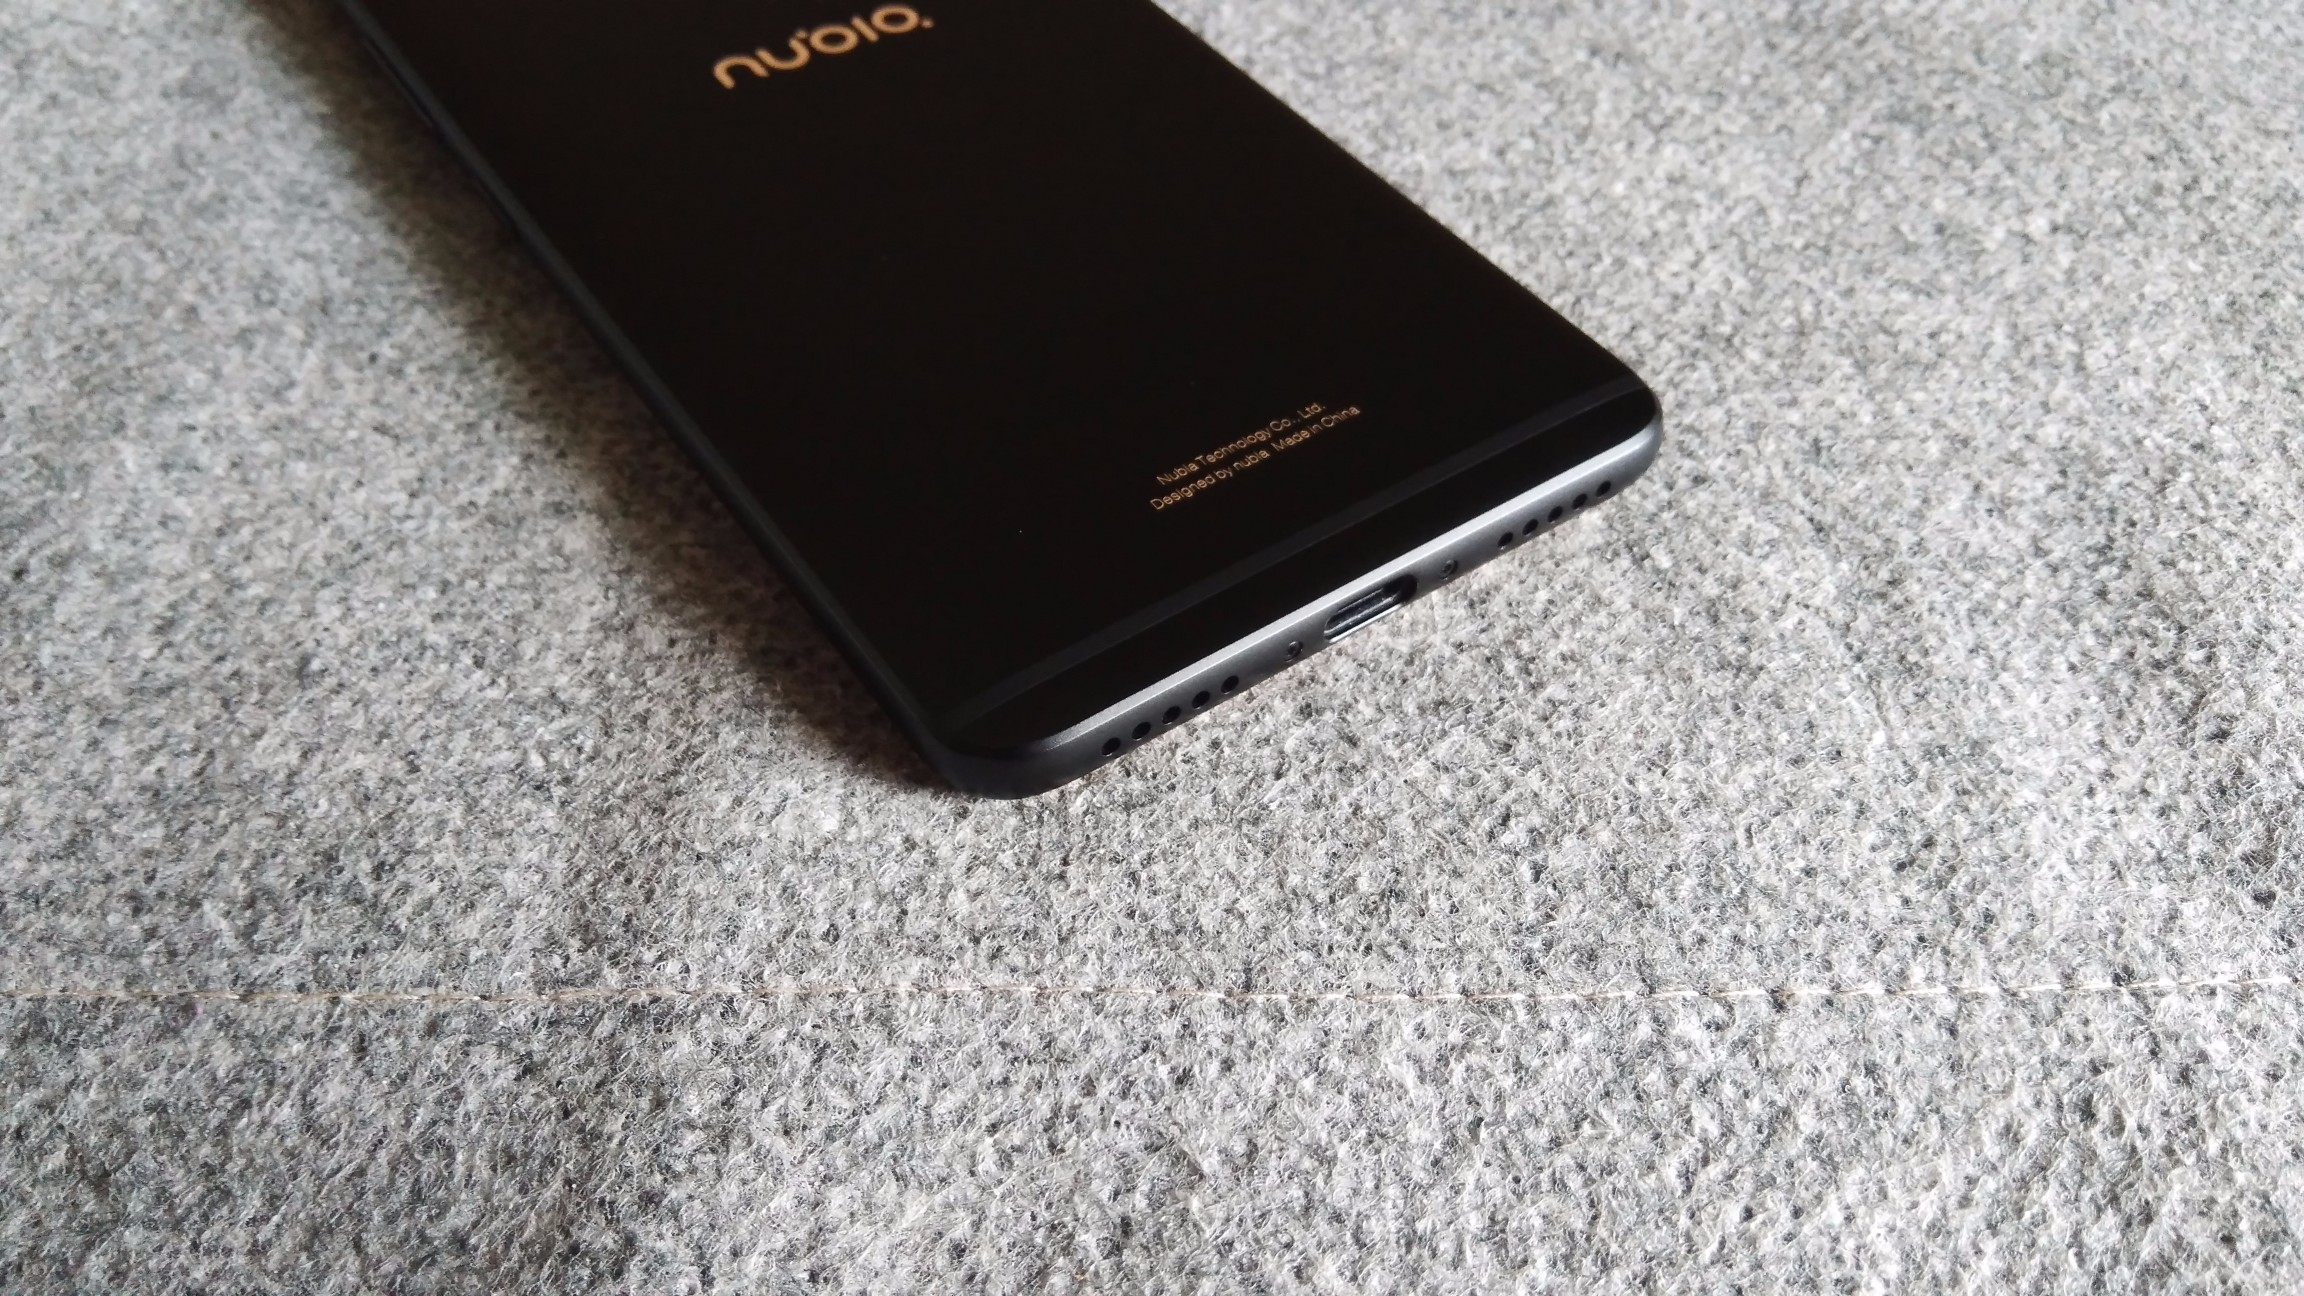 Nubia Z17 Mini5